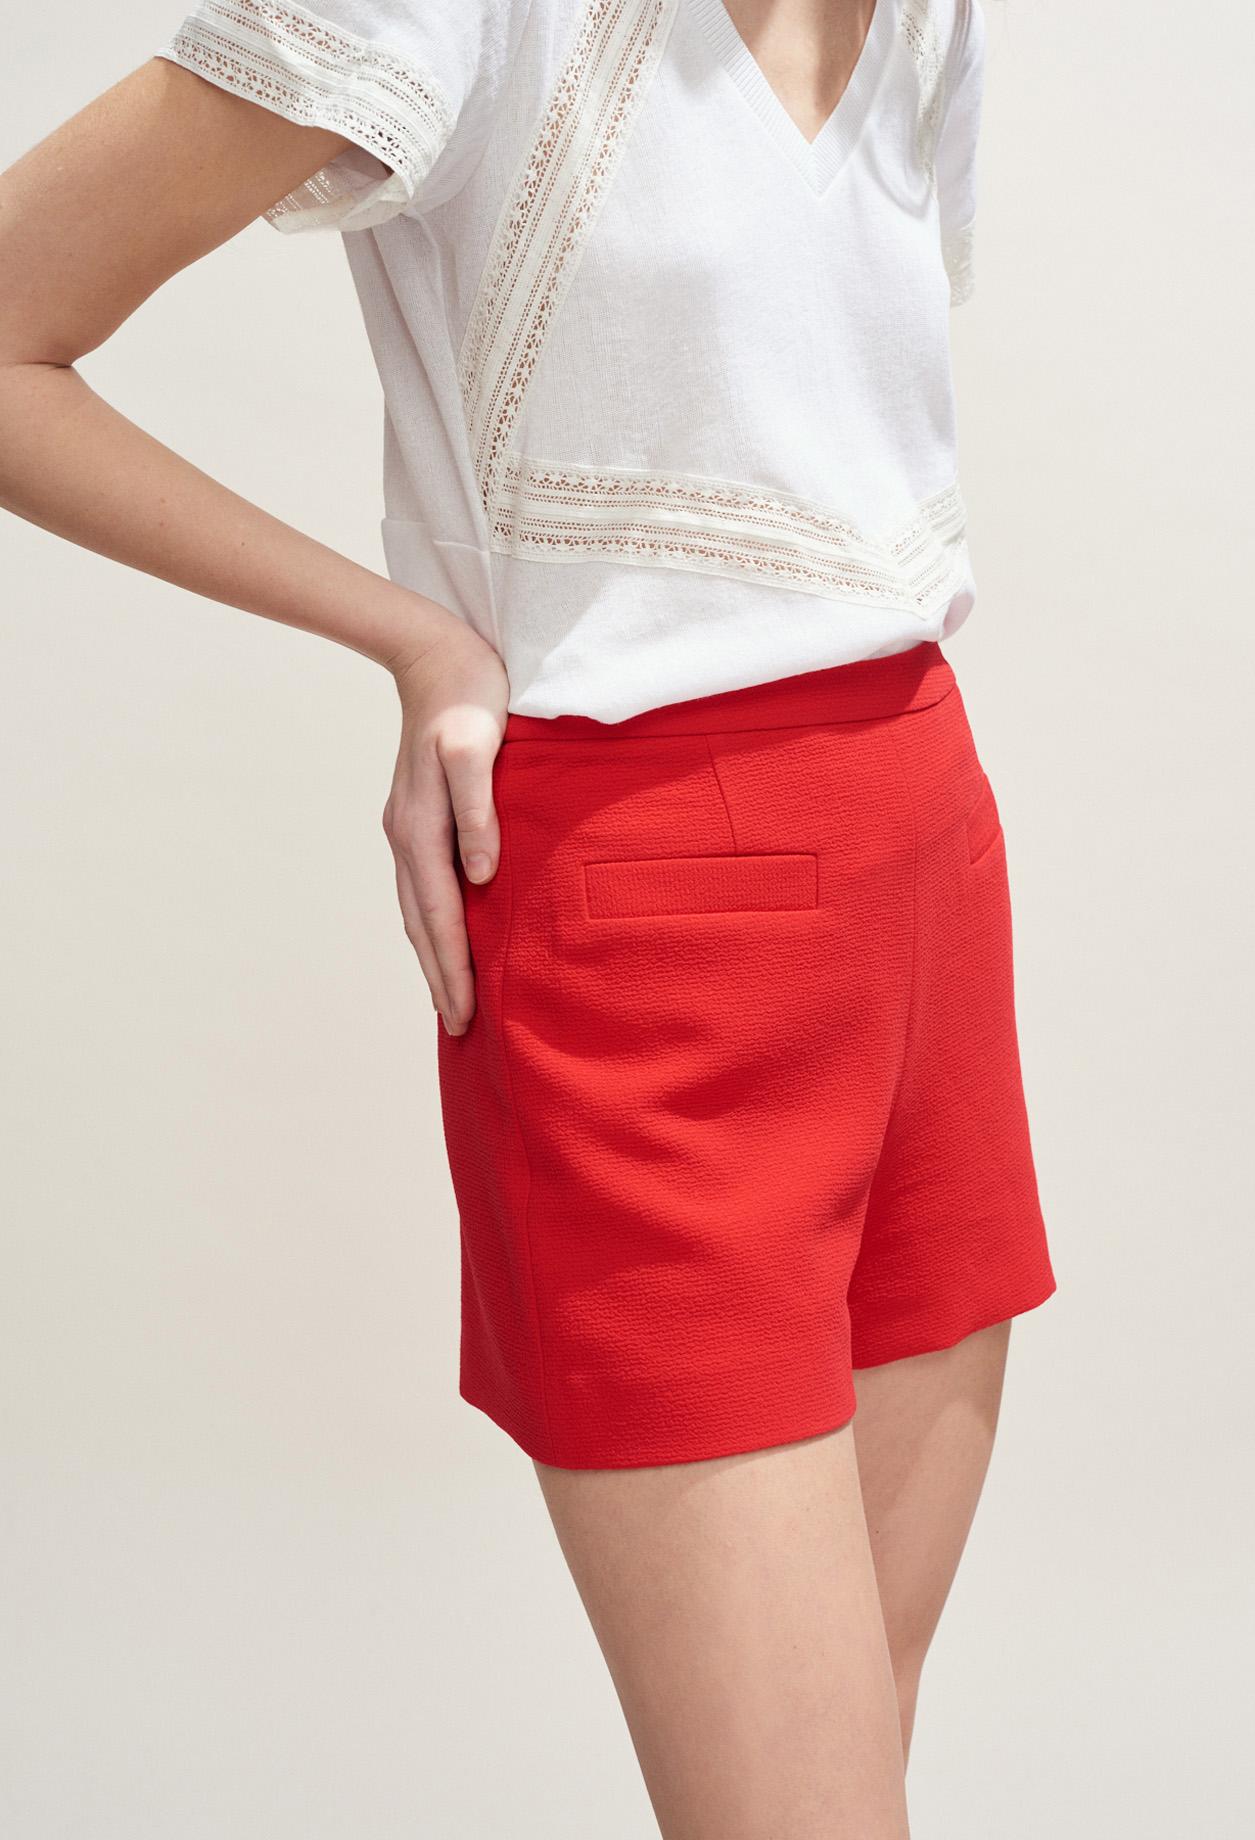 ... ERYNE   Faldas y pantalones cortos color ECARLATE ... b3be065c6099